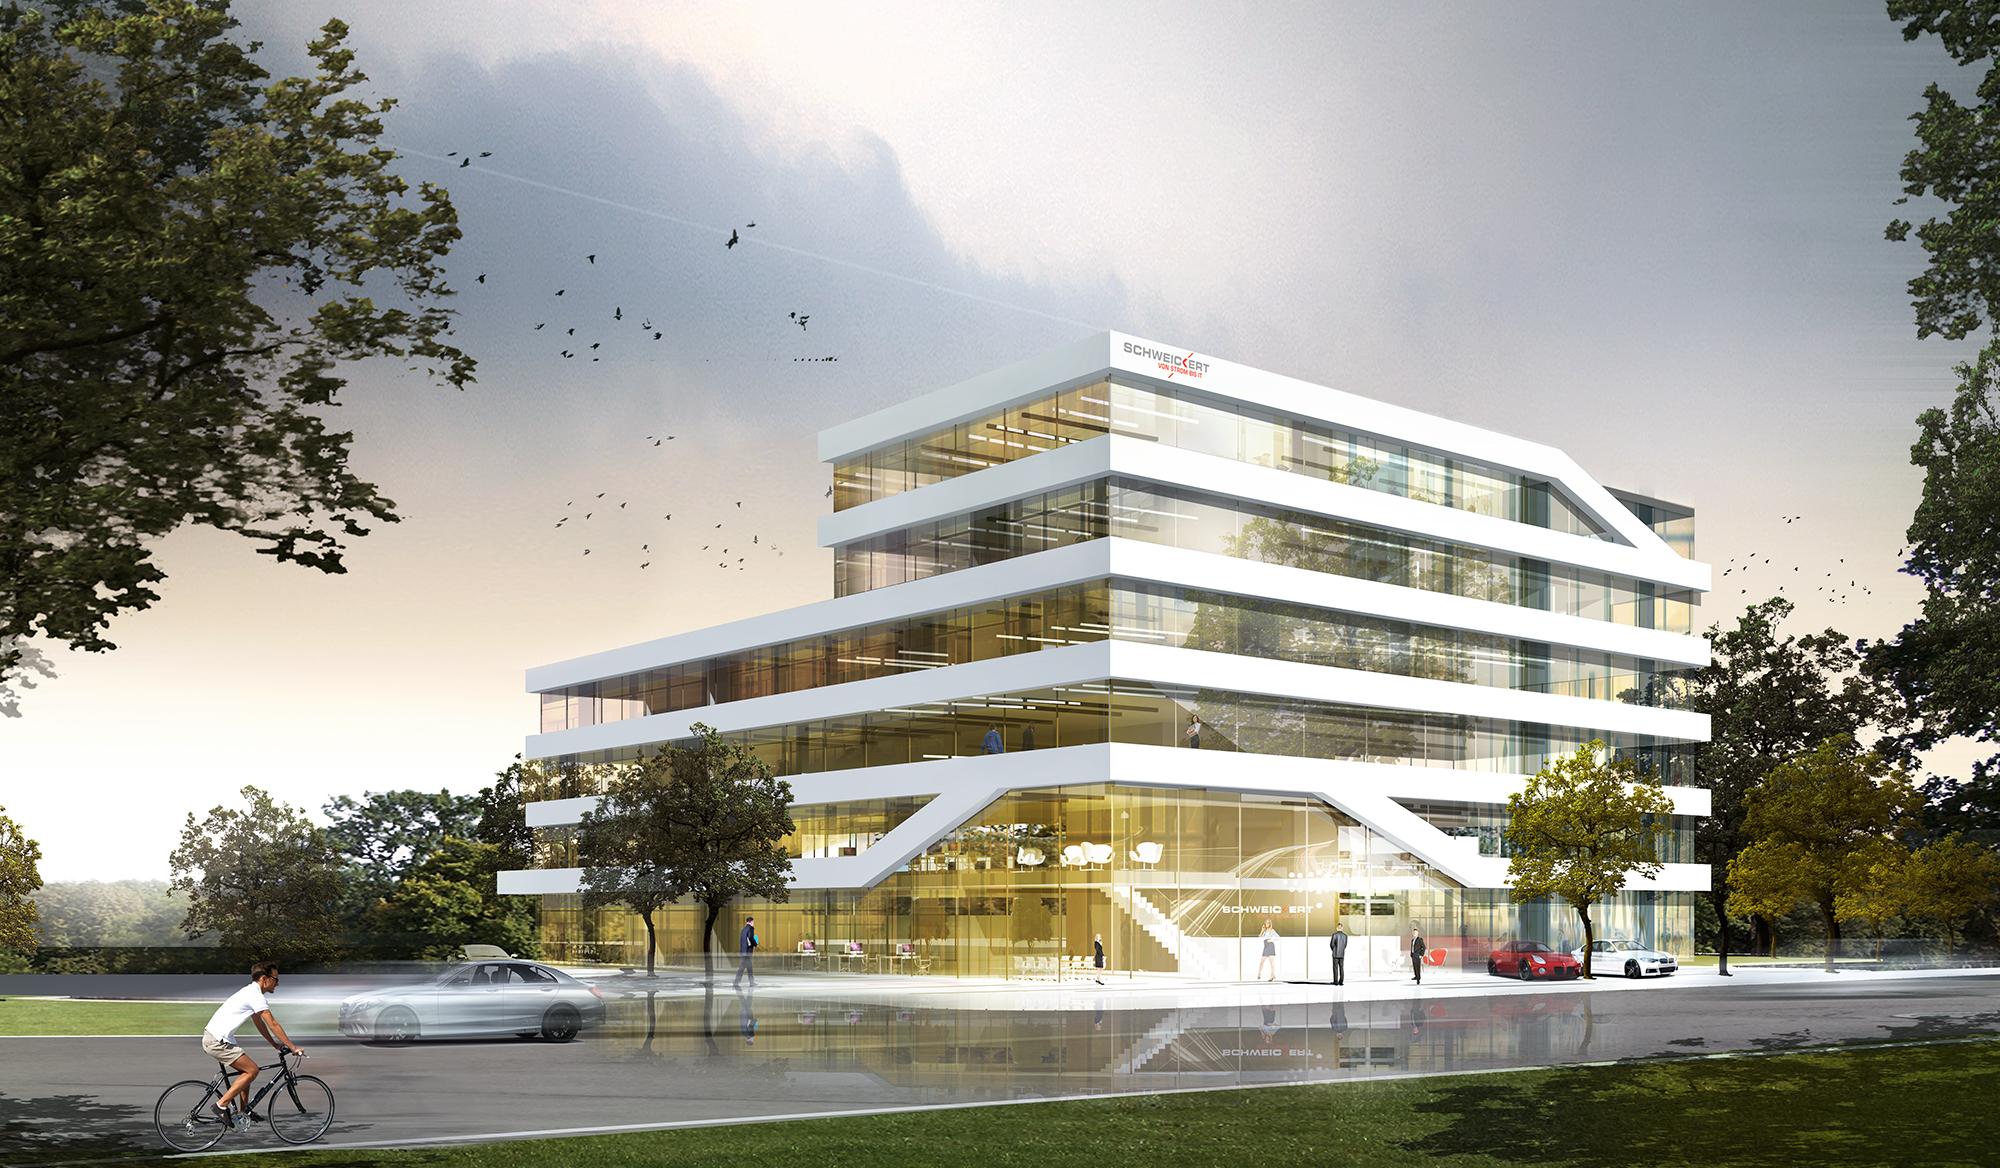 Perspektive Wettbewerb Firmenzentrale Schweickert in Walldorf von Bitsch+Bienstein Architekten